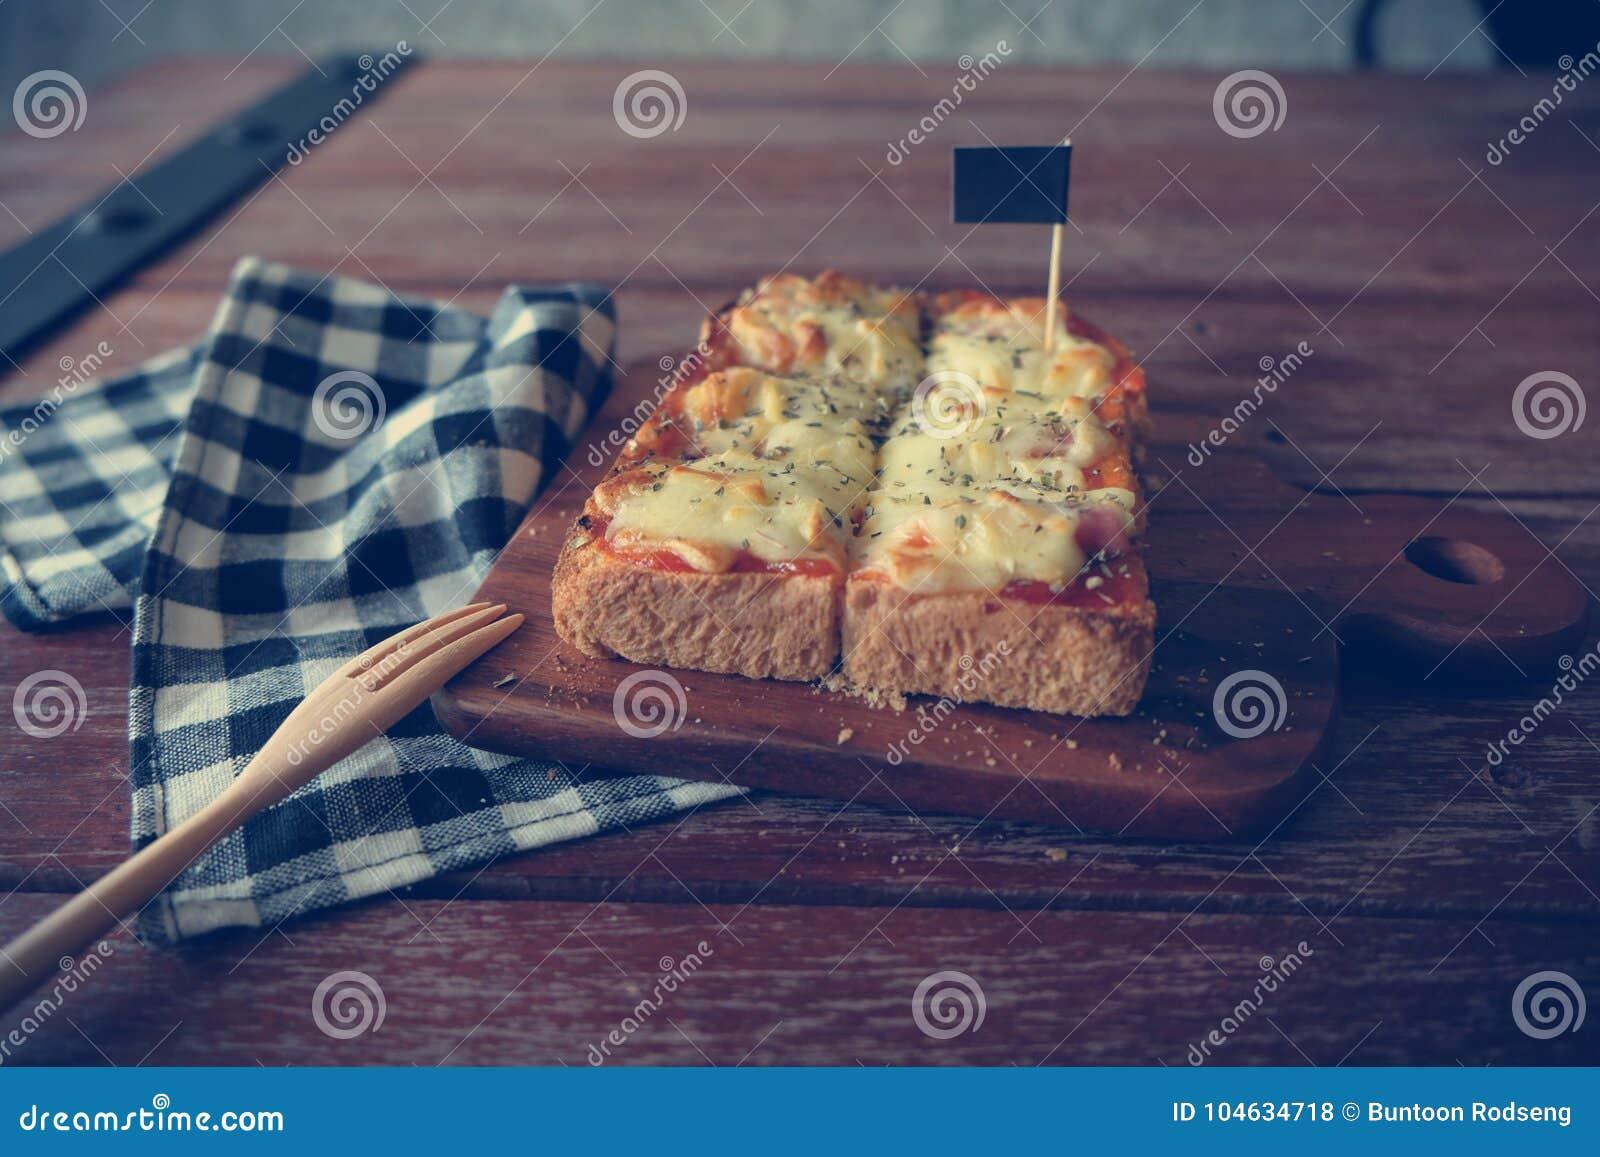 Download Pizza Geroosterd Brood Met Tomatensaus En Hamkaas Stock Foto - Afbeelding bestaande uit naughty, ochtend: 104634718